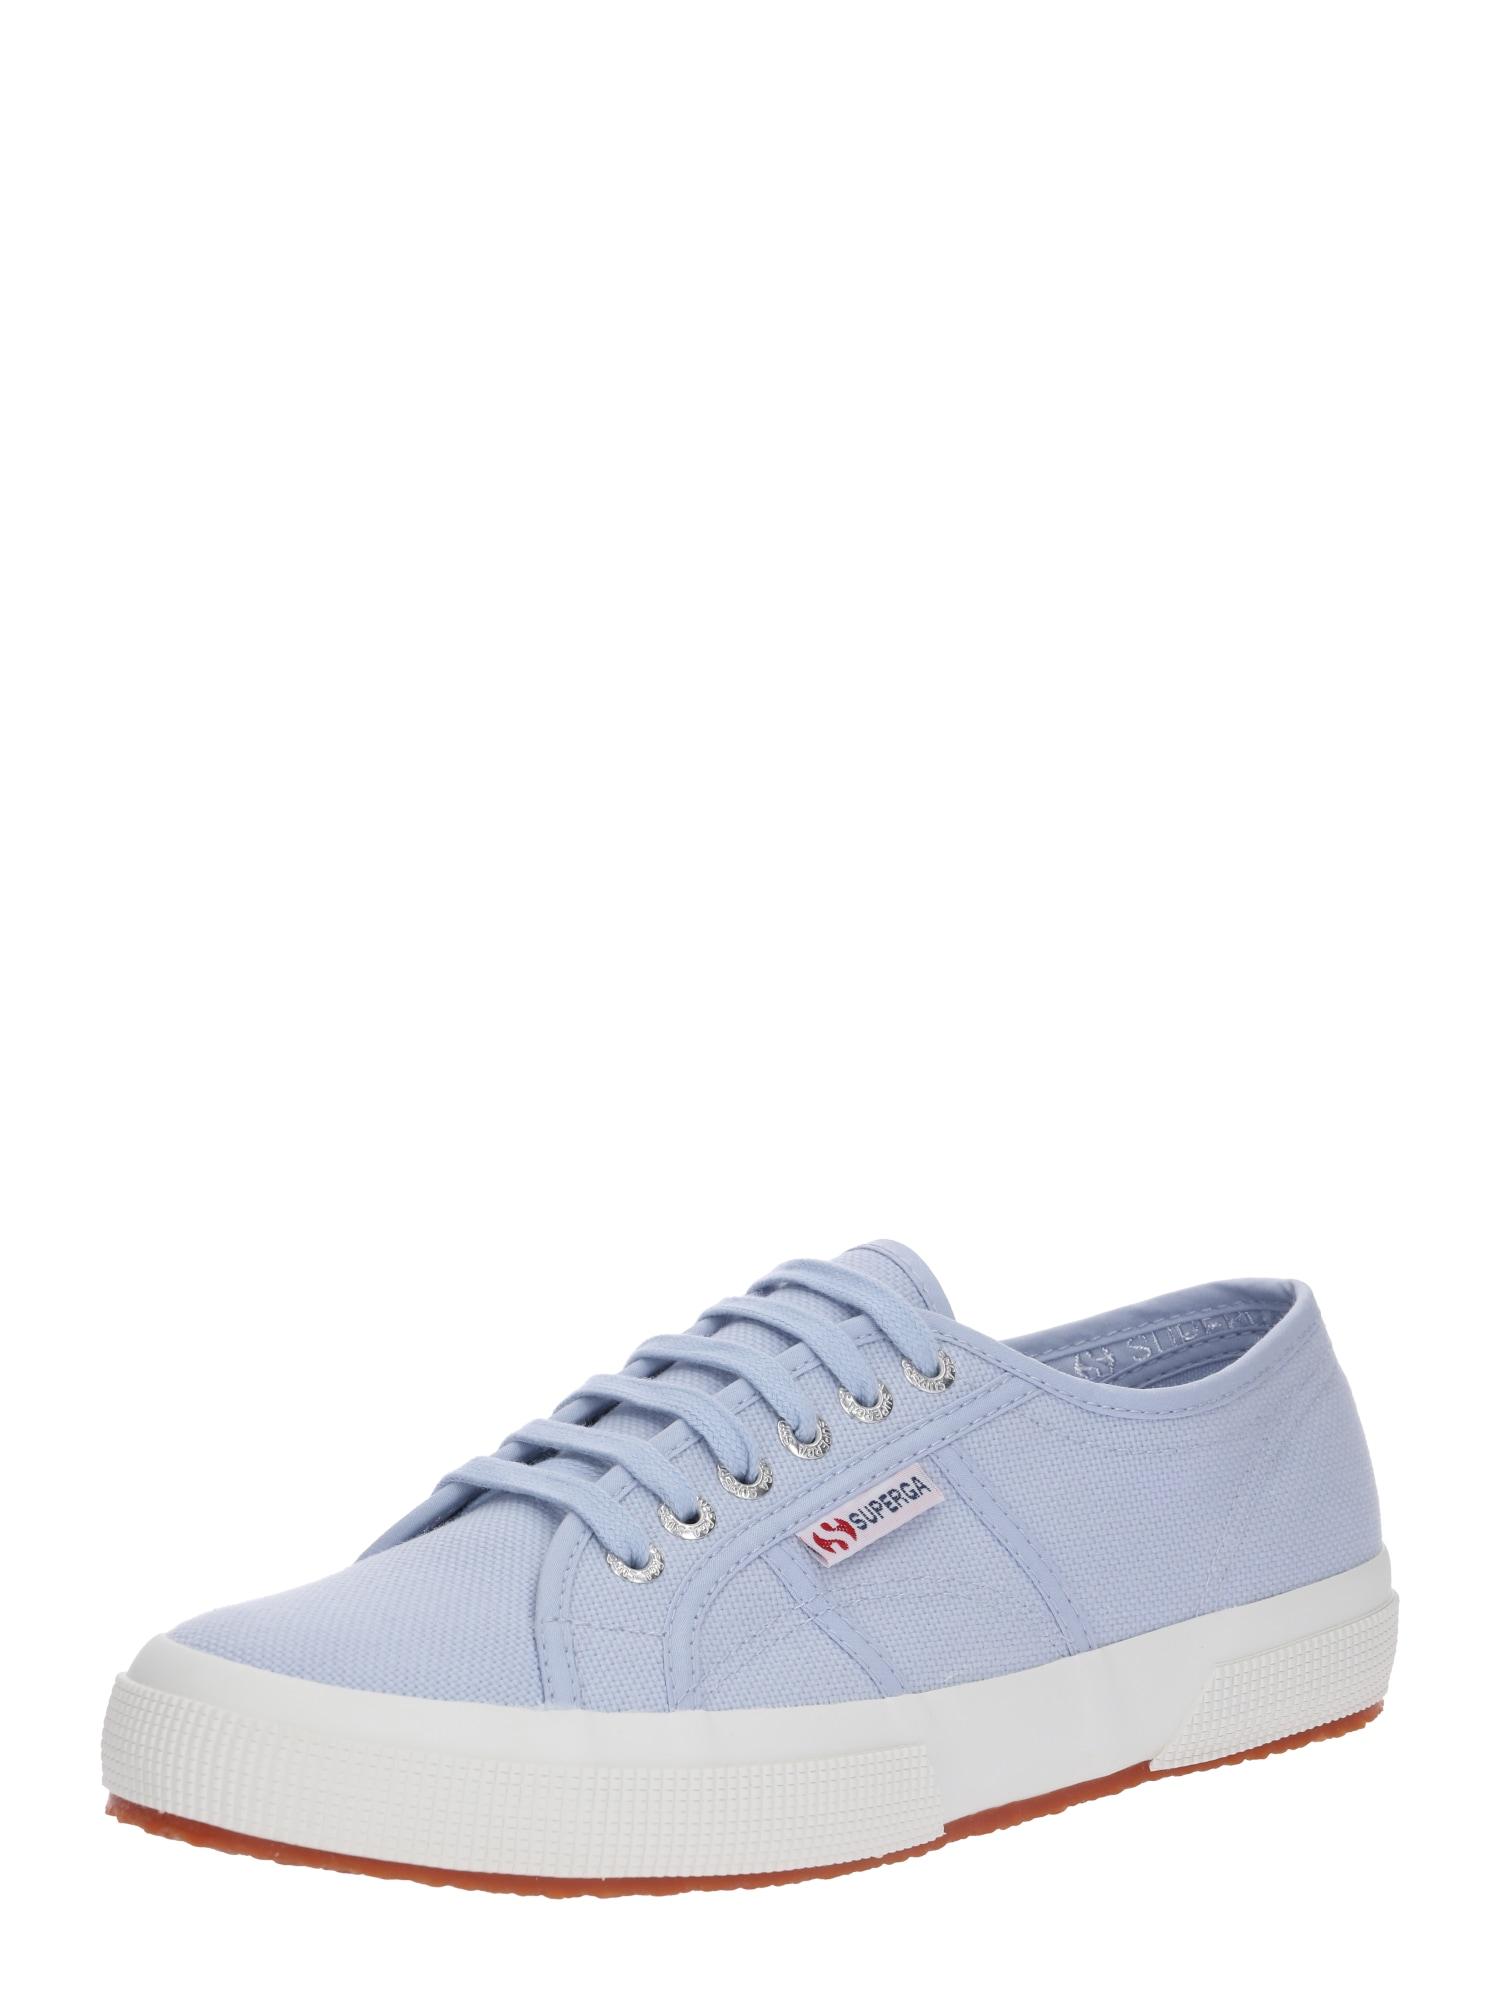 SUPERGA Sneaker low 'Cotu Classic'  albastru fum